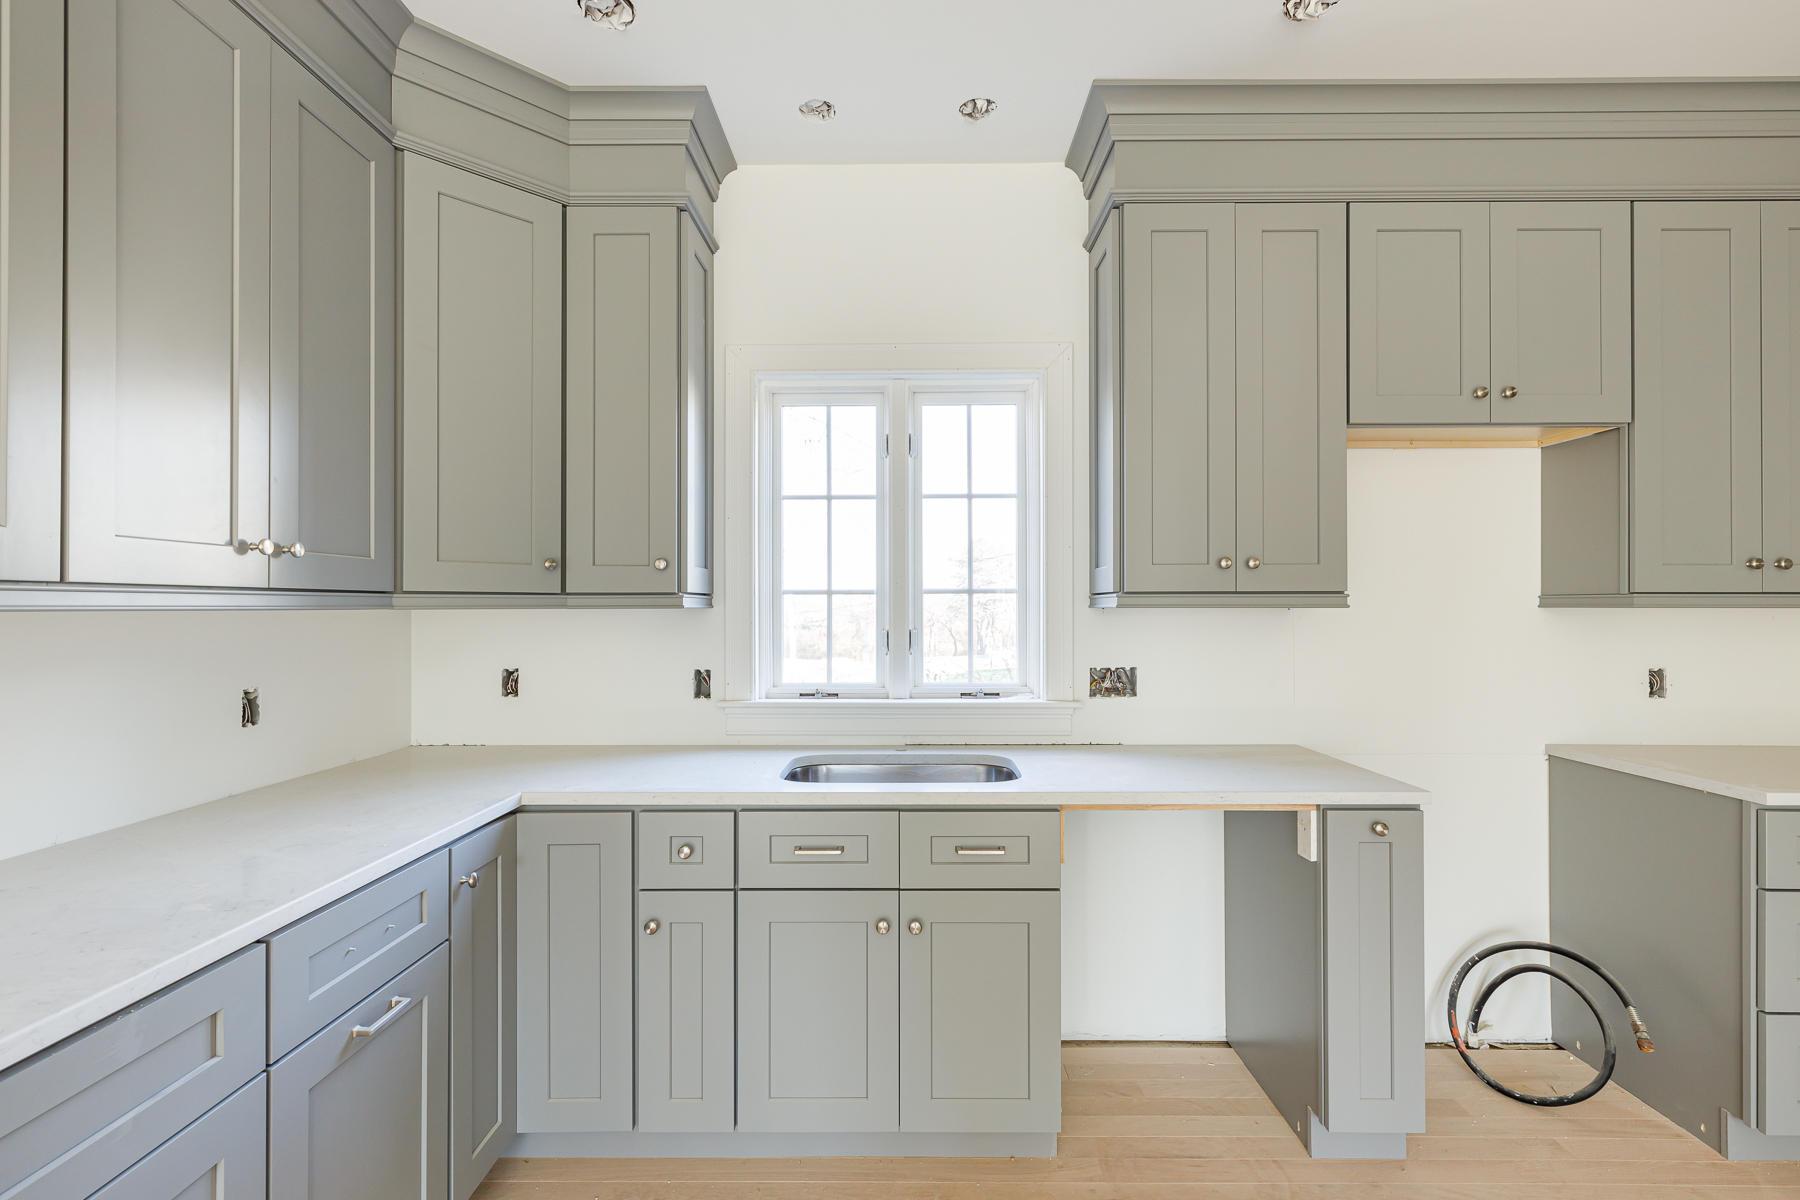 white wood kitchens sandwich ma 1 Dillingham Avenue Sandwich MA 02563 Sandwich MLS 21908152 Robert Paul Properties